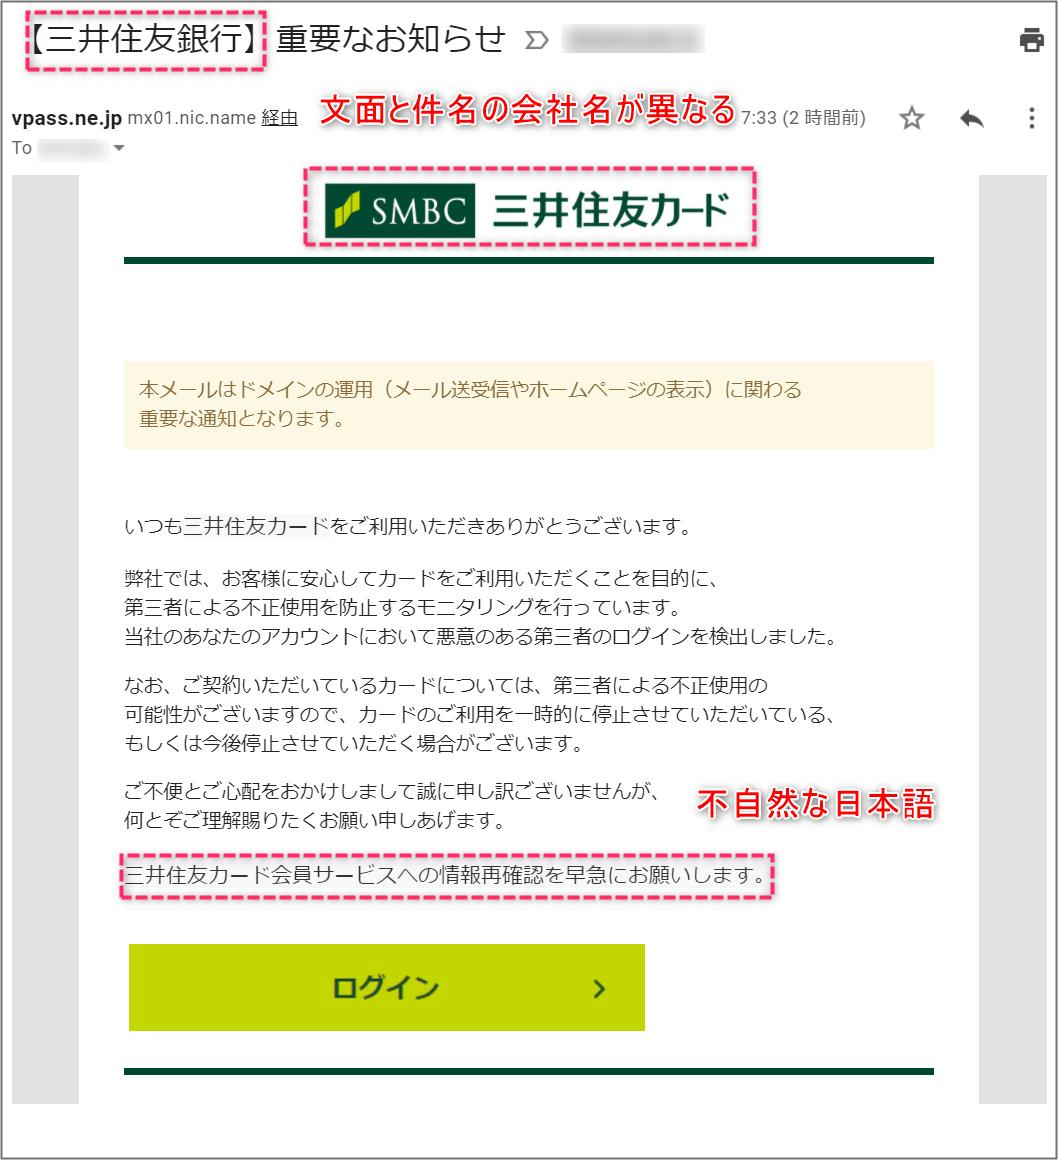 重要 三井 住友 カード 株式 会社 から 緊急 の ご 連絡